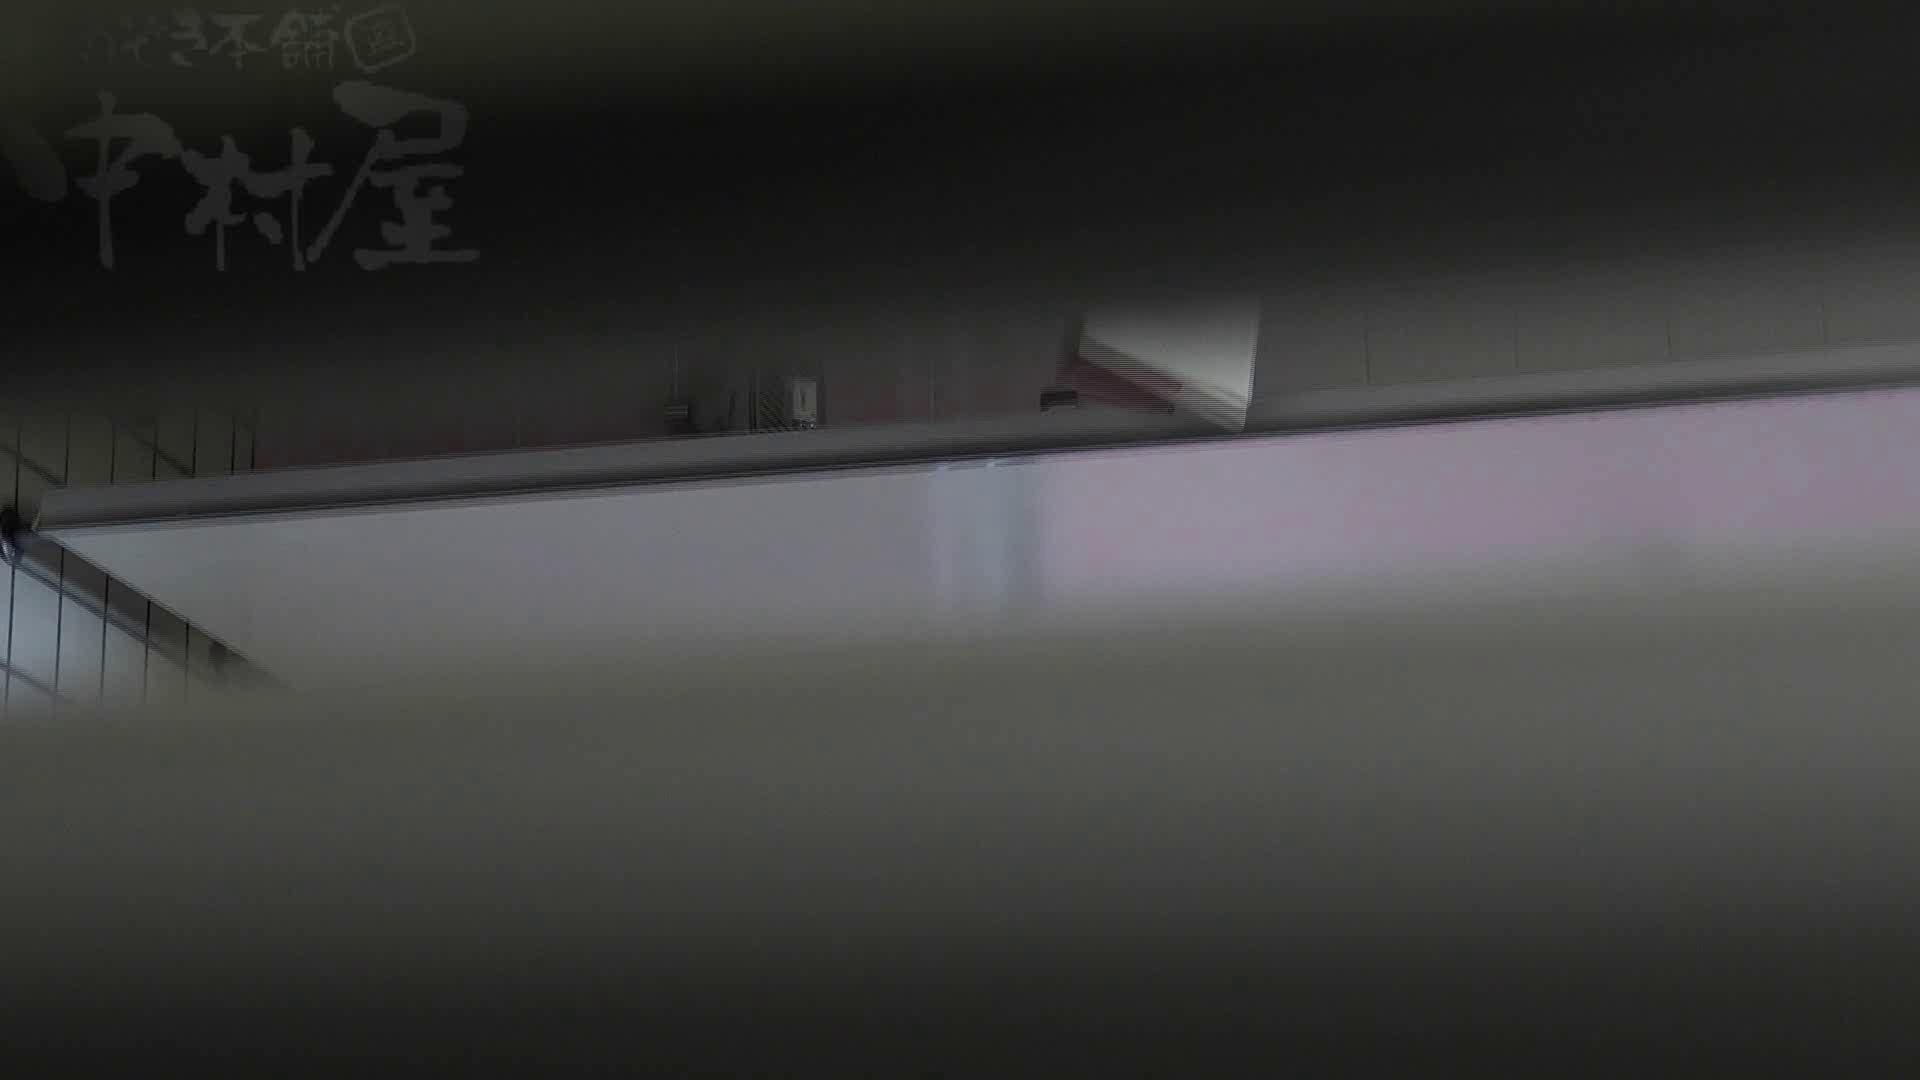 美しい日本の未来 No.28 特集!!後方撮り。あんな尻からこんな尻まで。 マンコ・ムレムレ AV無料 79pic 47